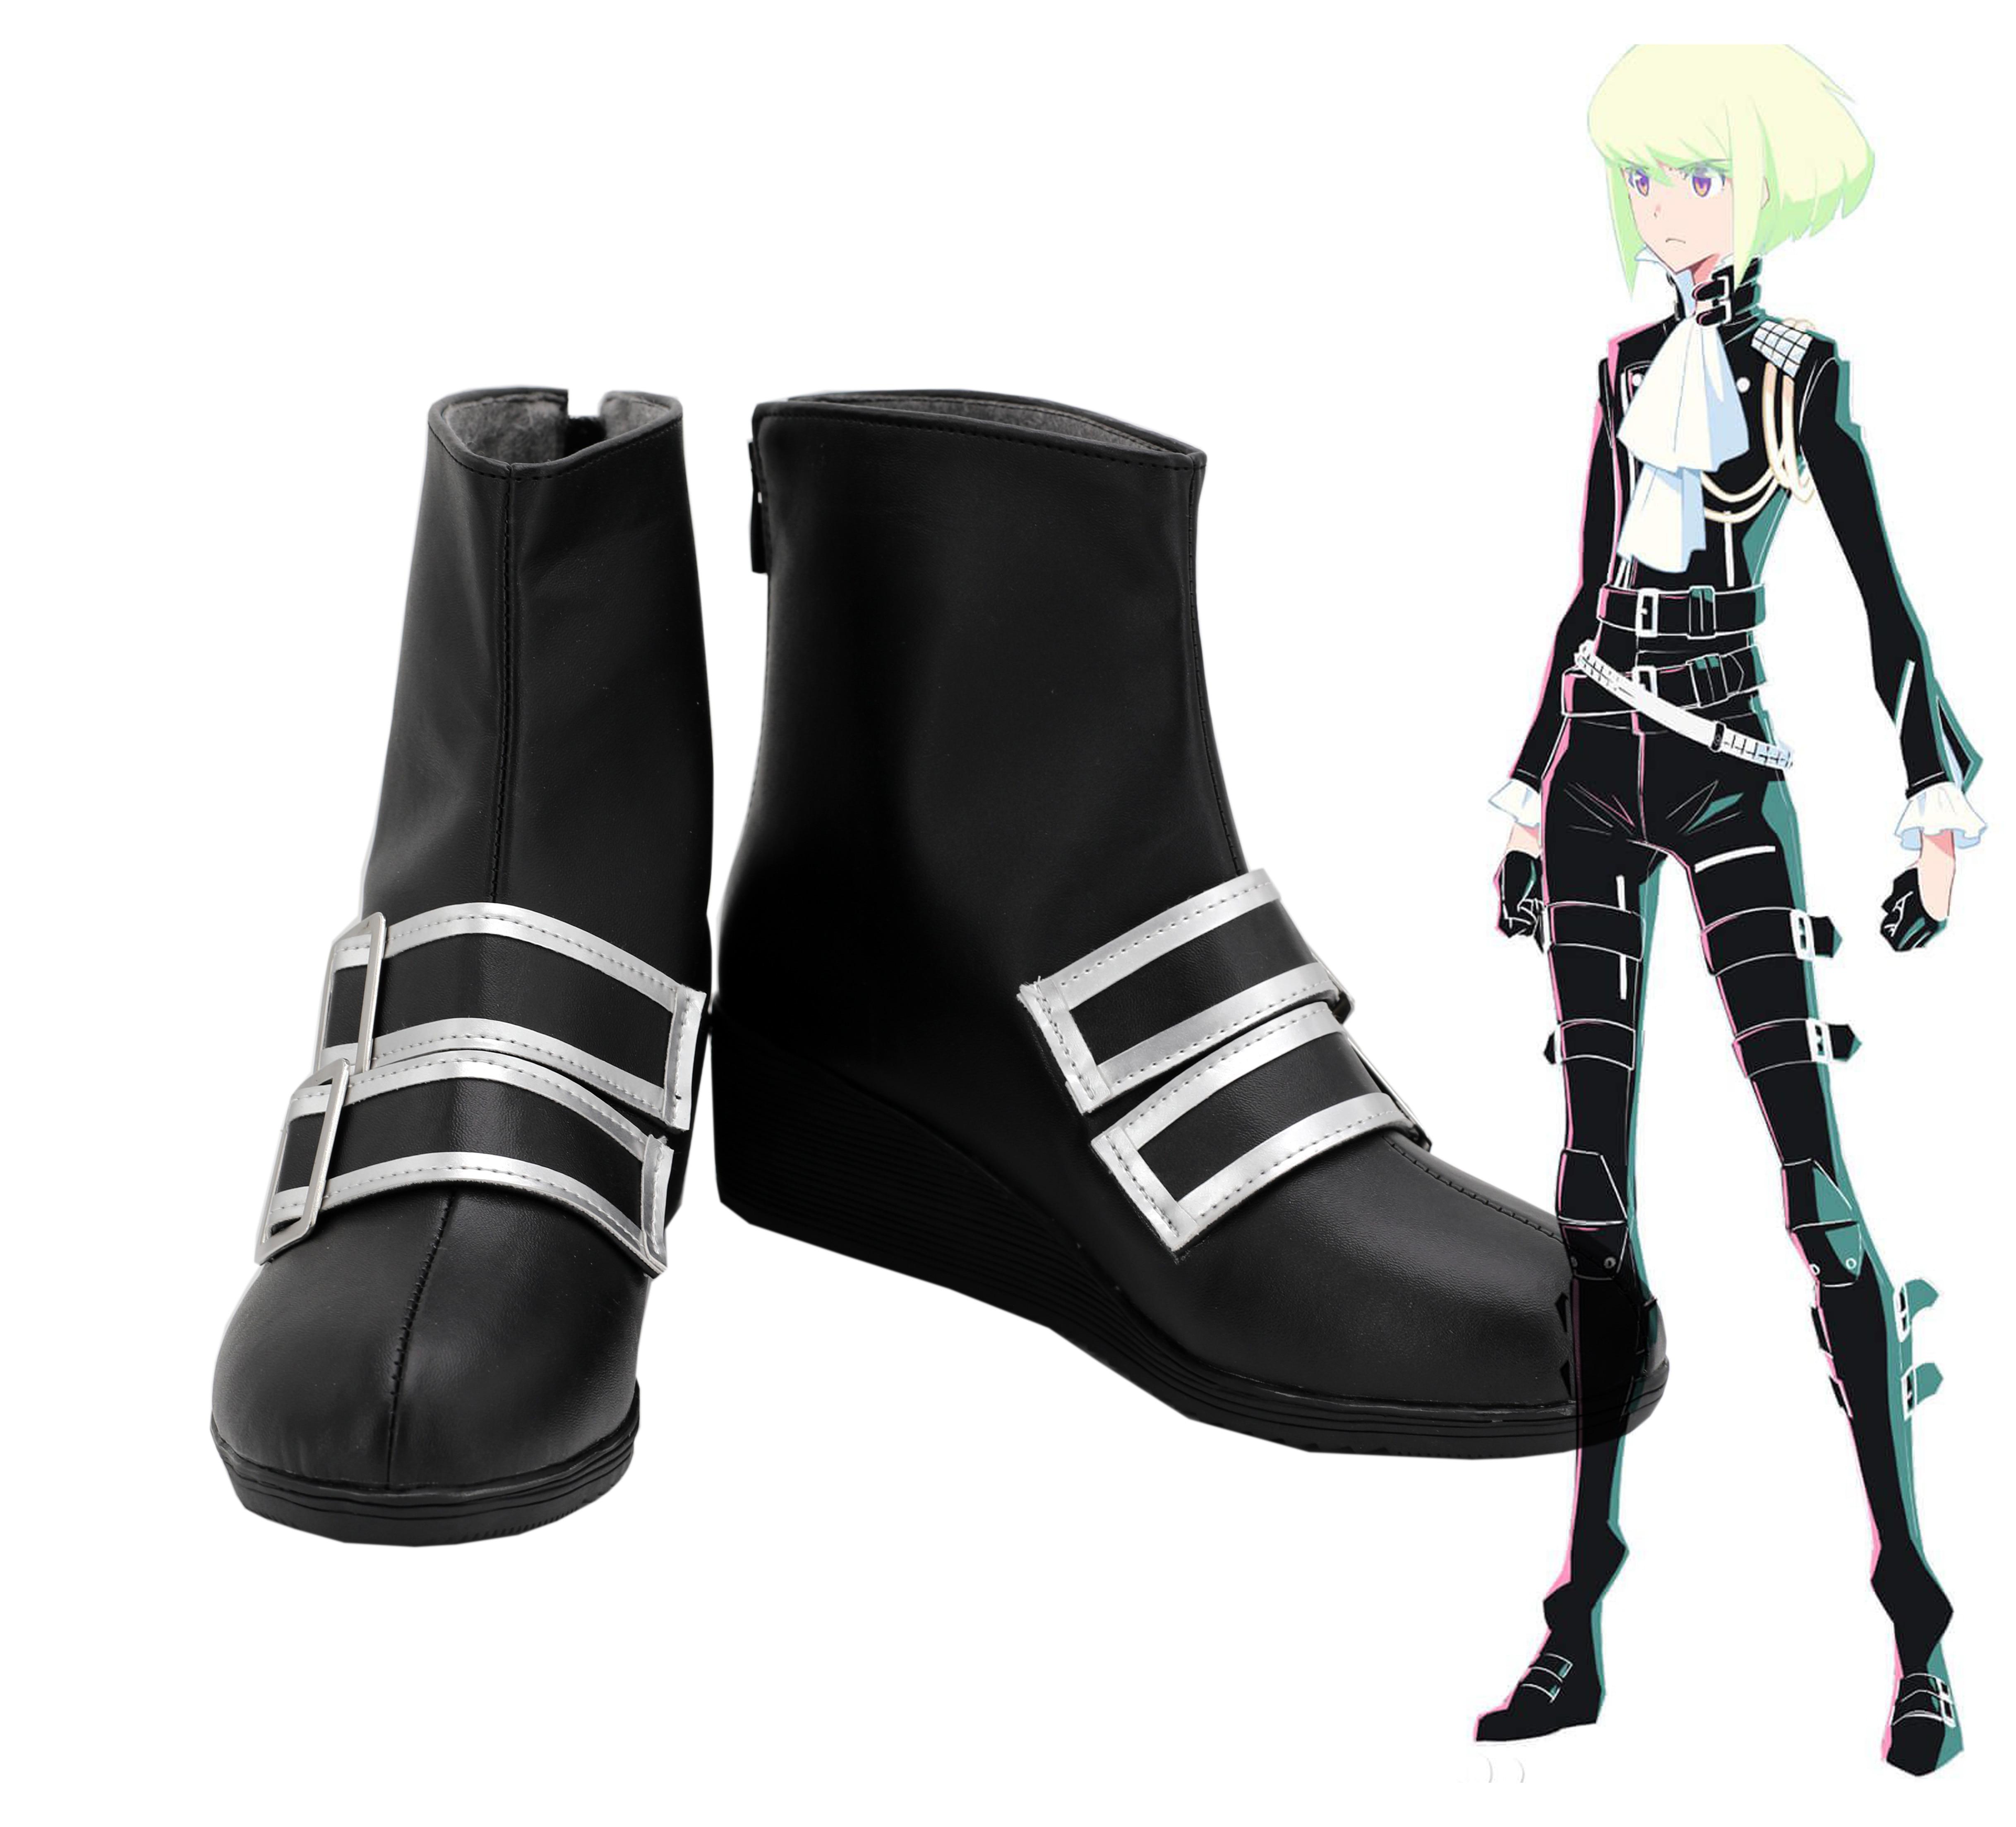 Personalizza promare GALO thymos Scarpe Uomo Nero Stivali Scarpe Stivali COSTUME COSPLAY